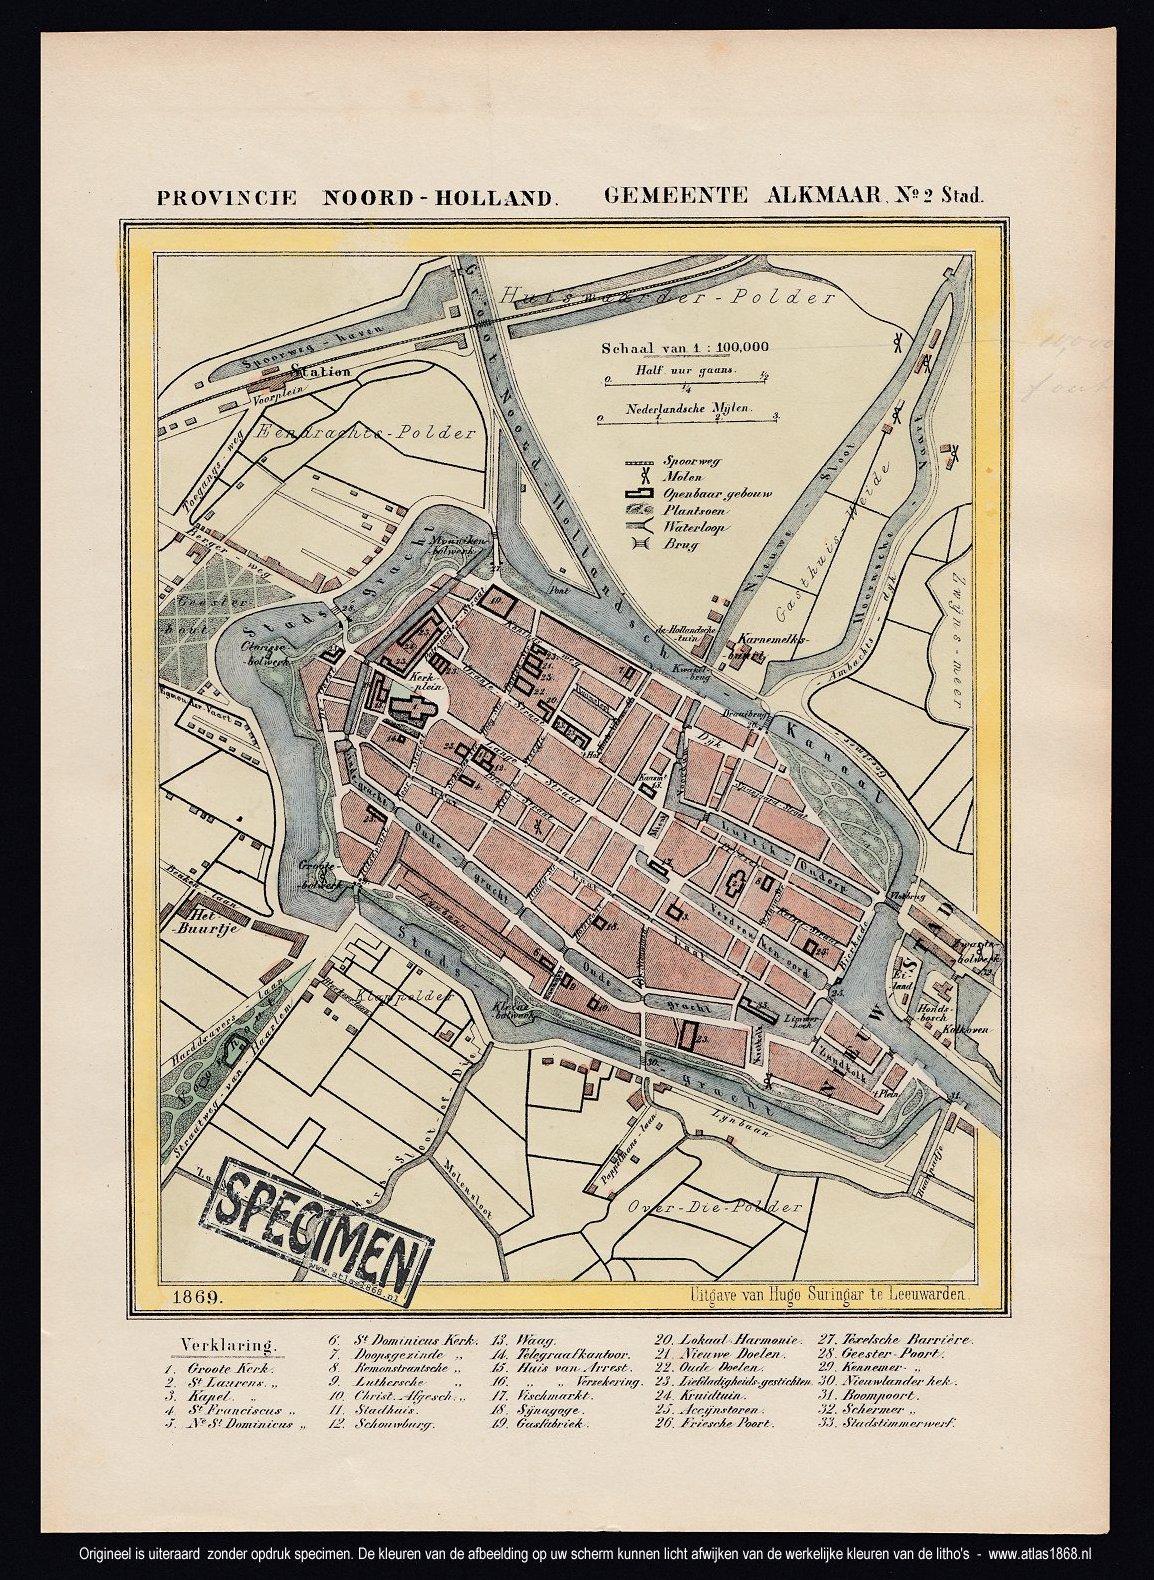 Alkmaar stad